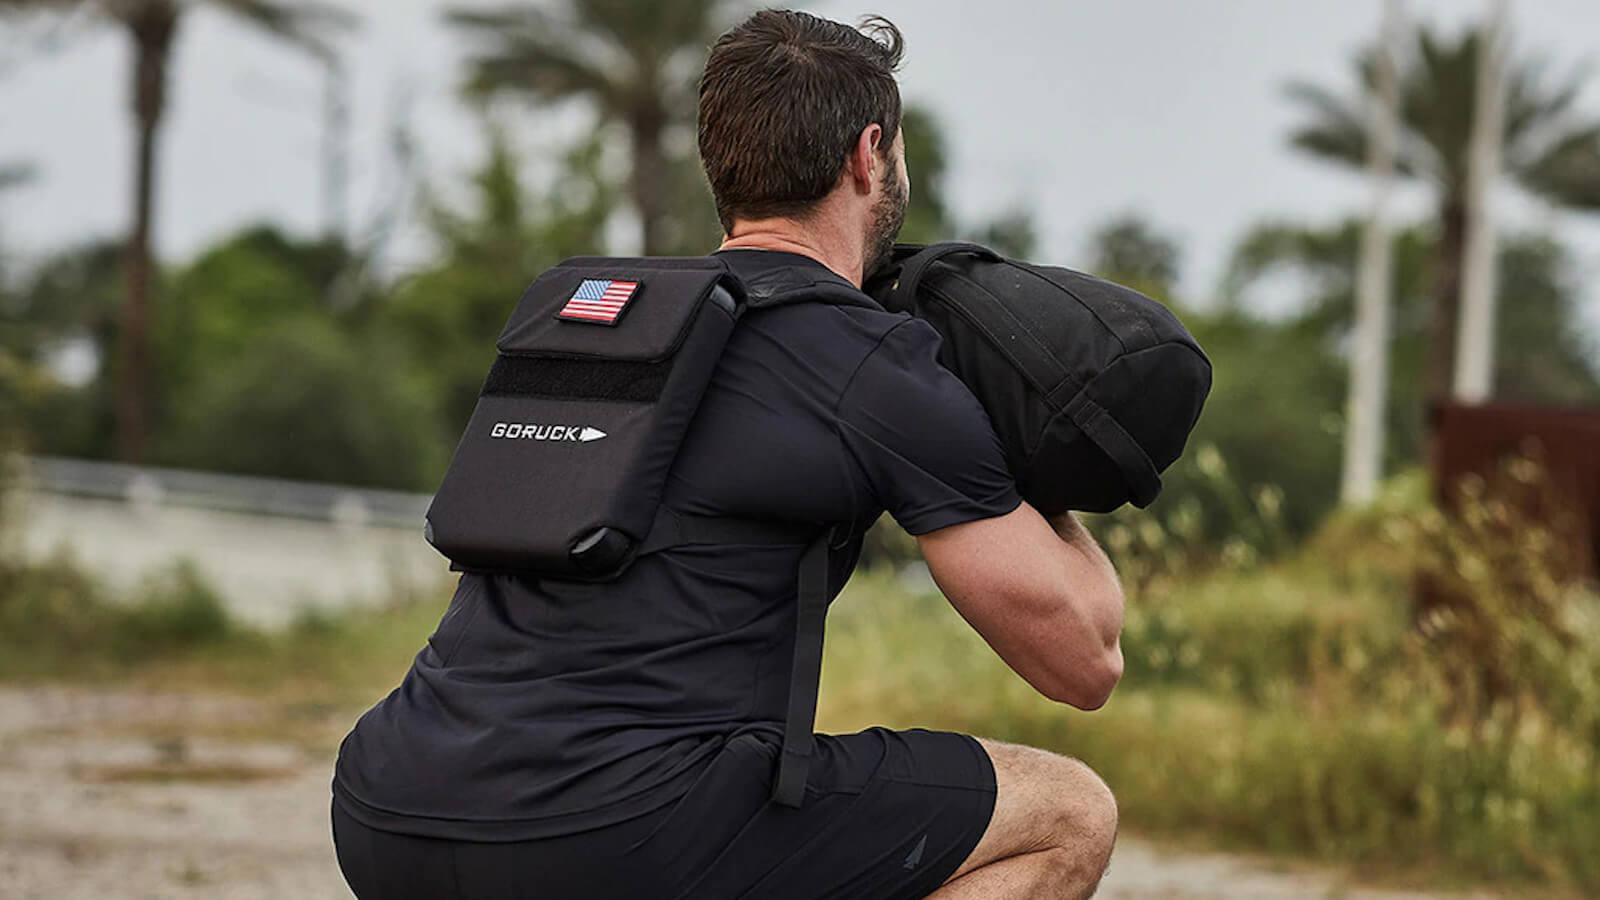 GORUCK Ruck Plate Carrier Fitness Bag